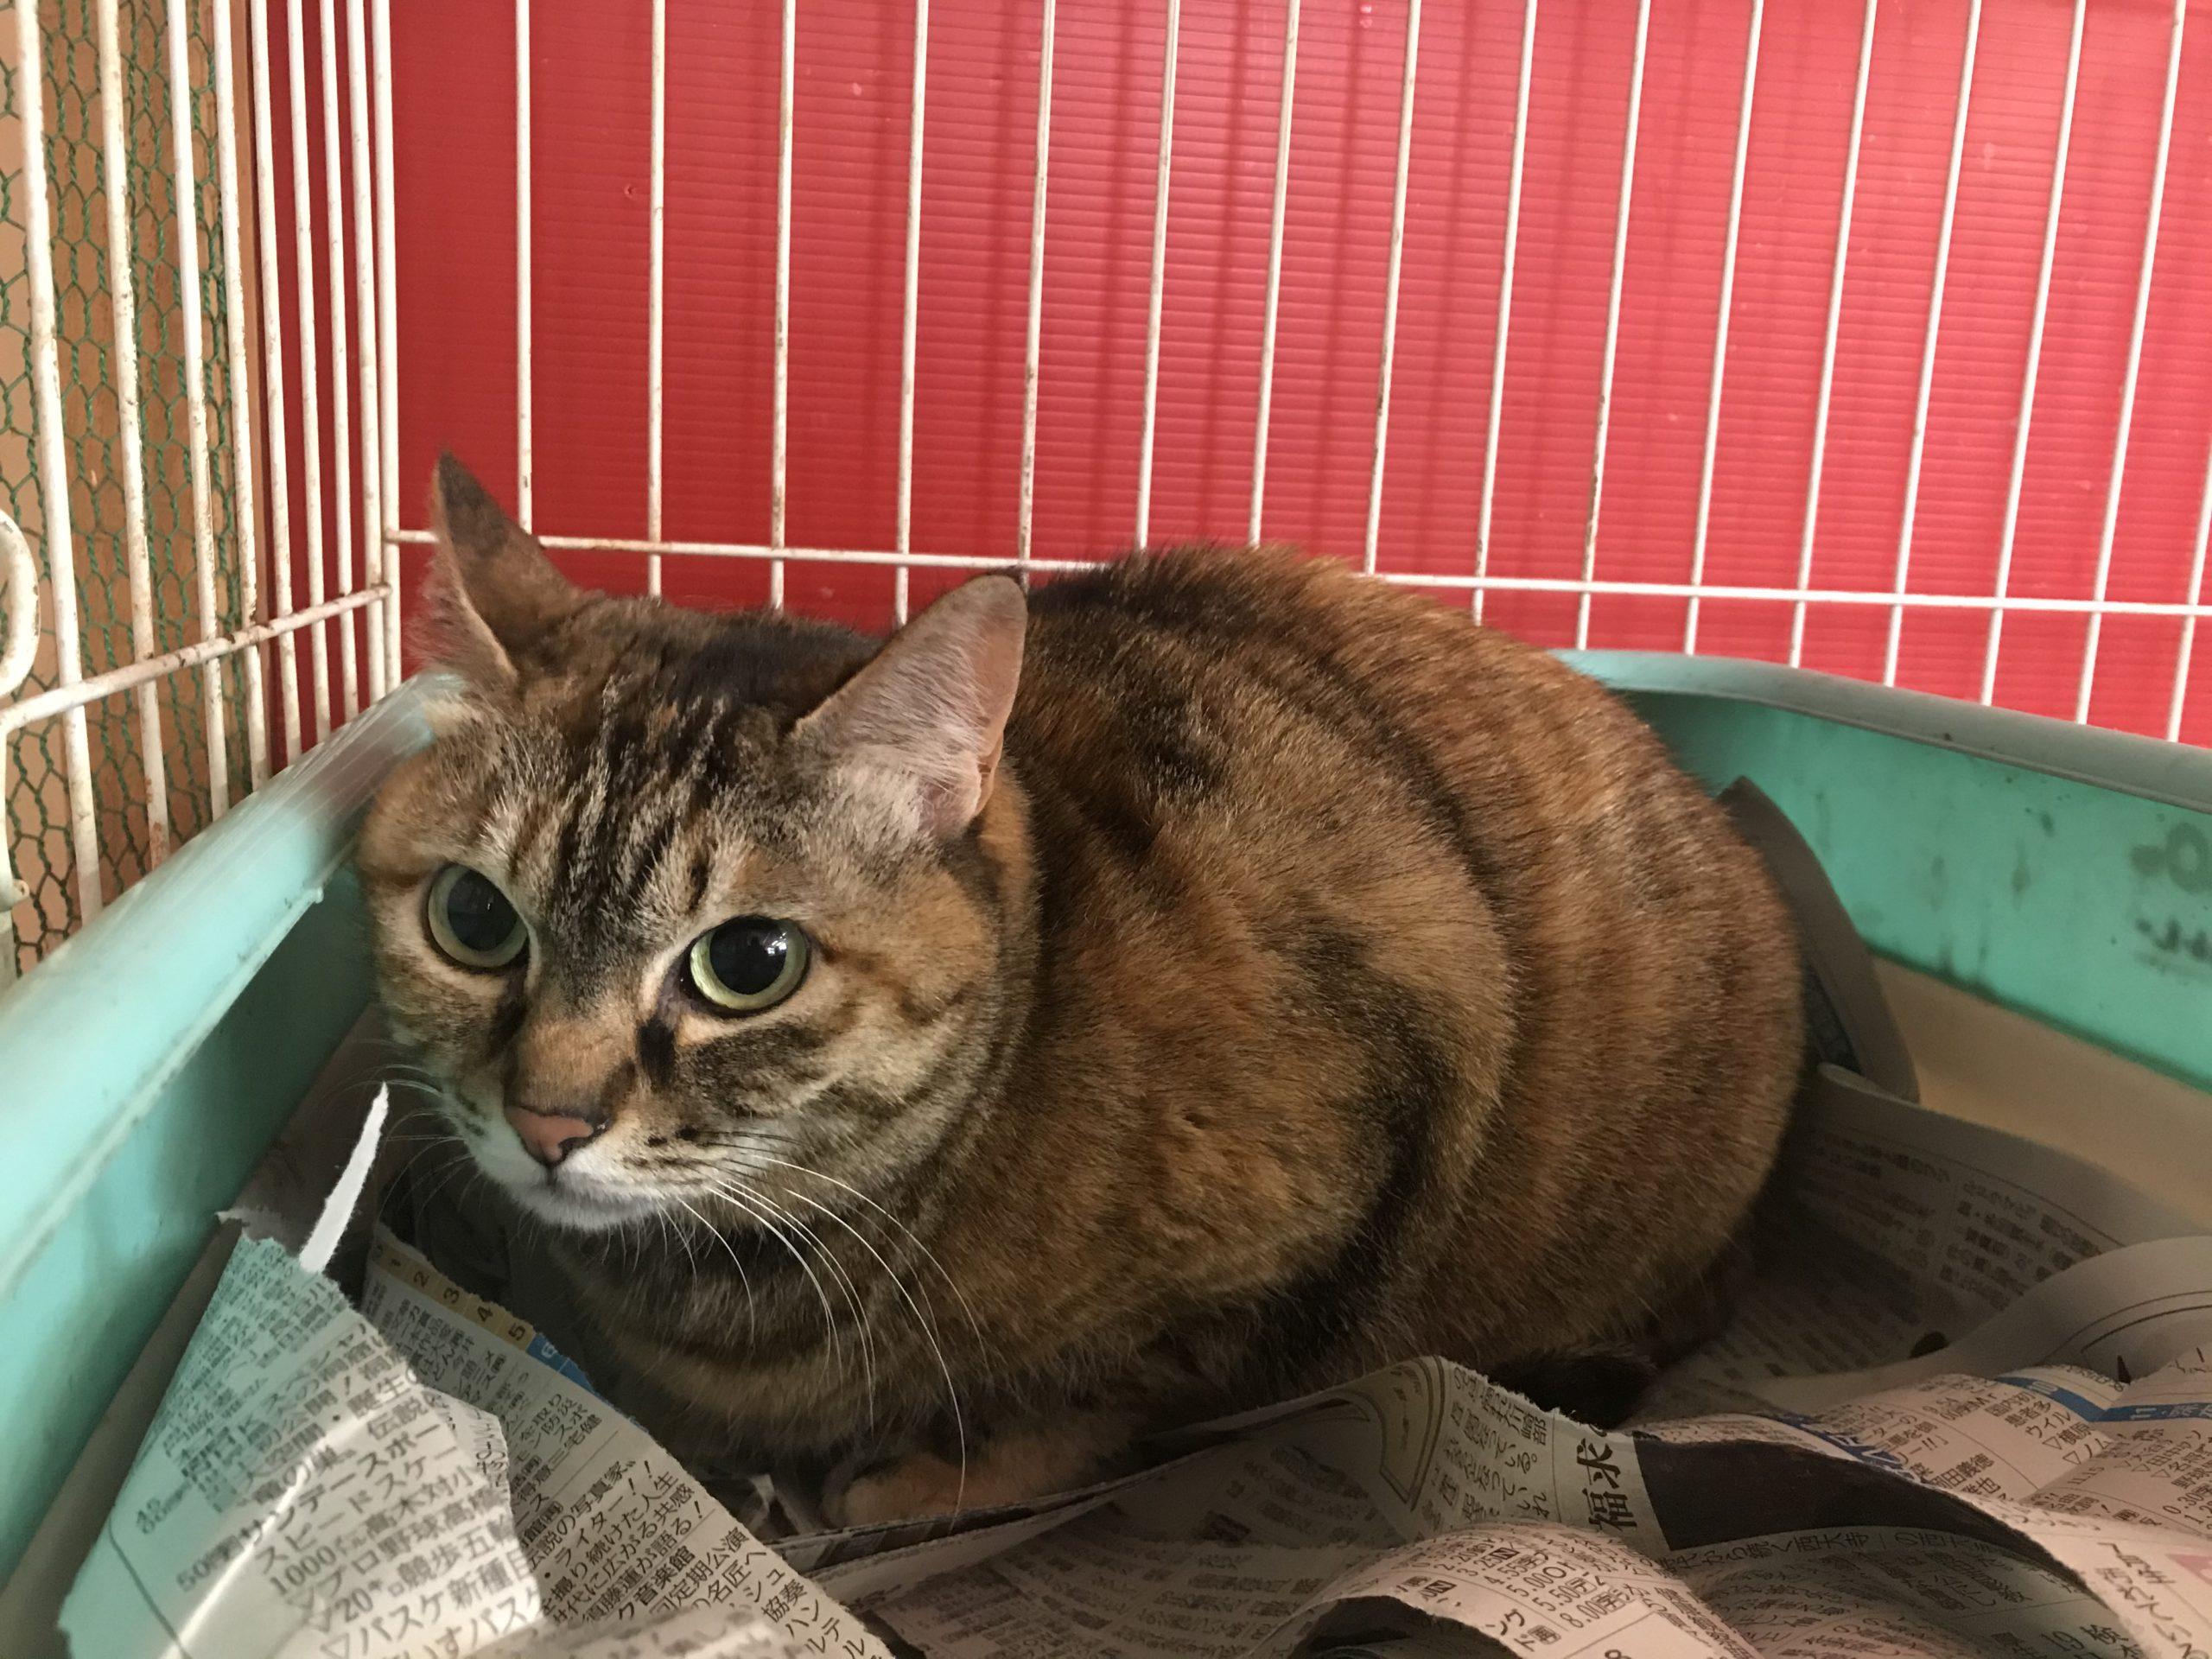 <p></p> <ul> <li>猫種:日本猫 キジトラ</li> <li>性別:女の子</li> <li>名前:ちゃん</li> <li>年齢:2016年12月</li> <li>保護経緯:飼い主様が転勤の為飼育困難になりました</li> </ul>